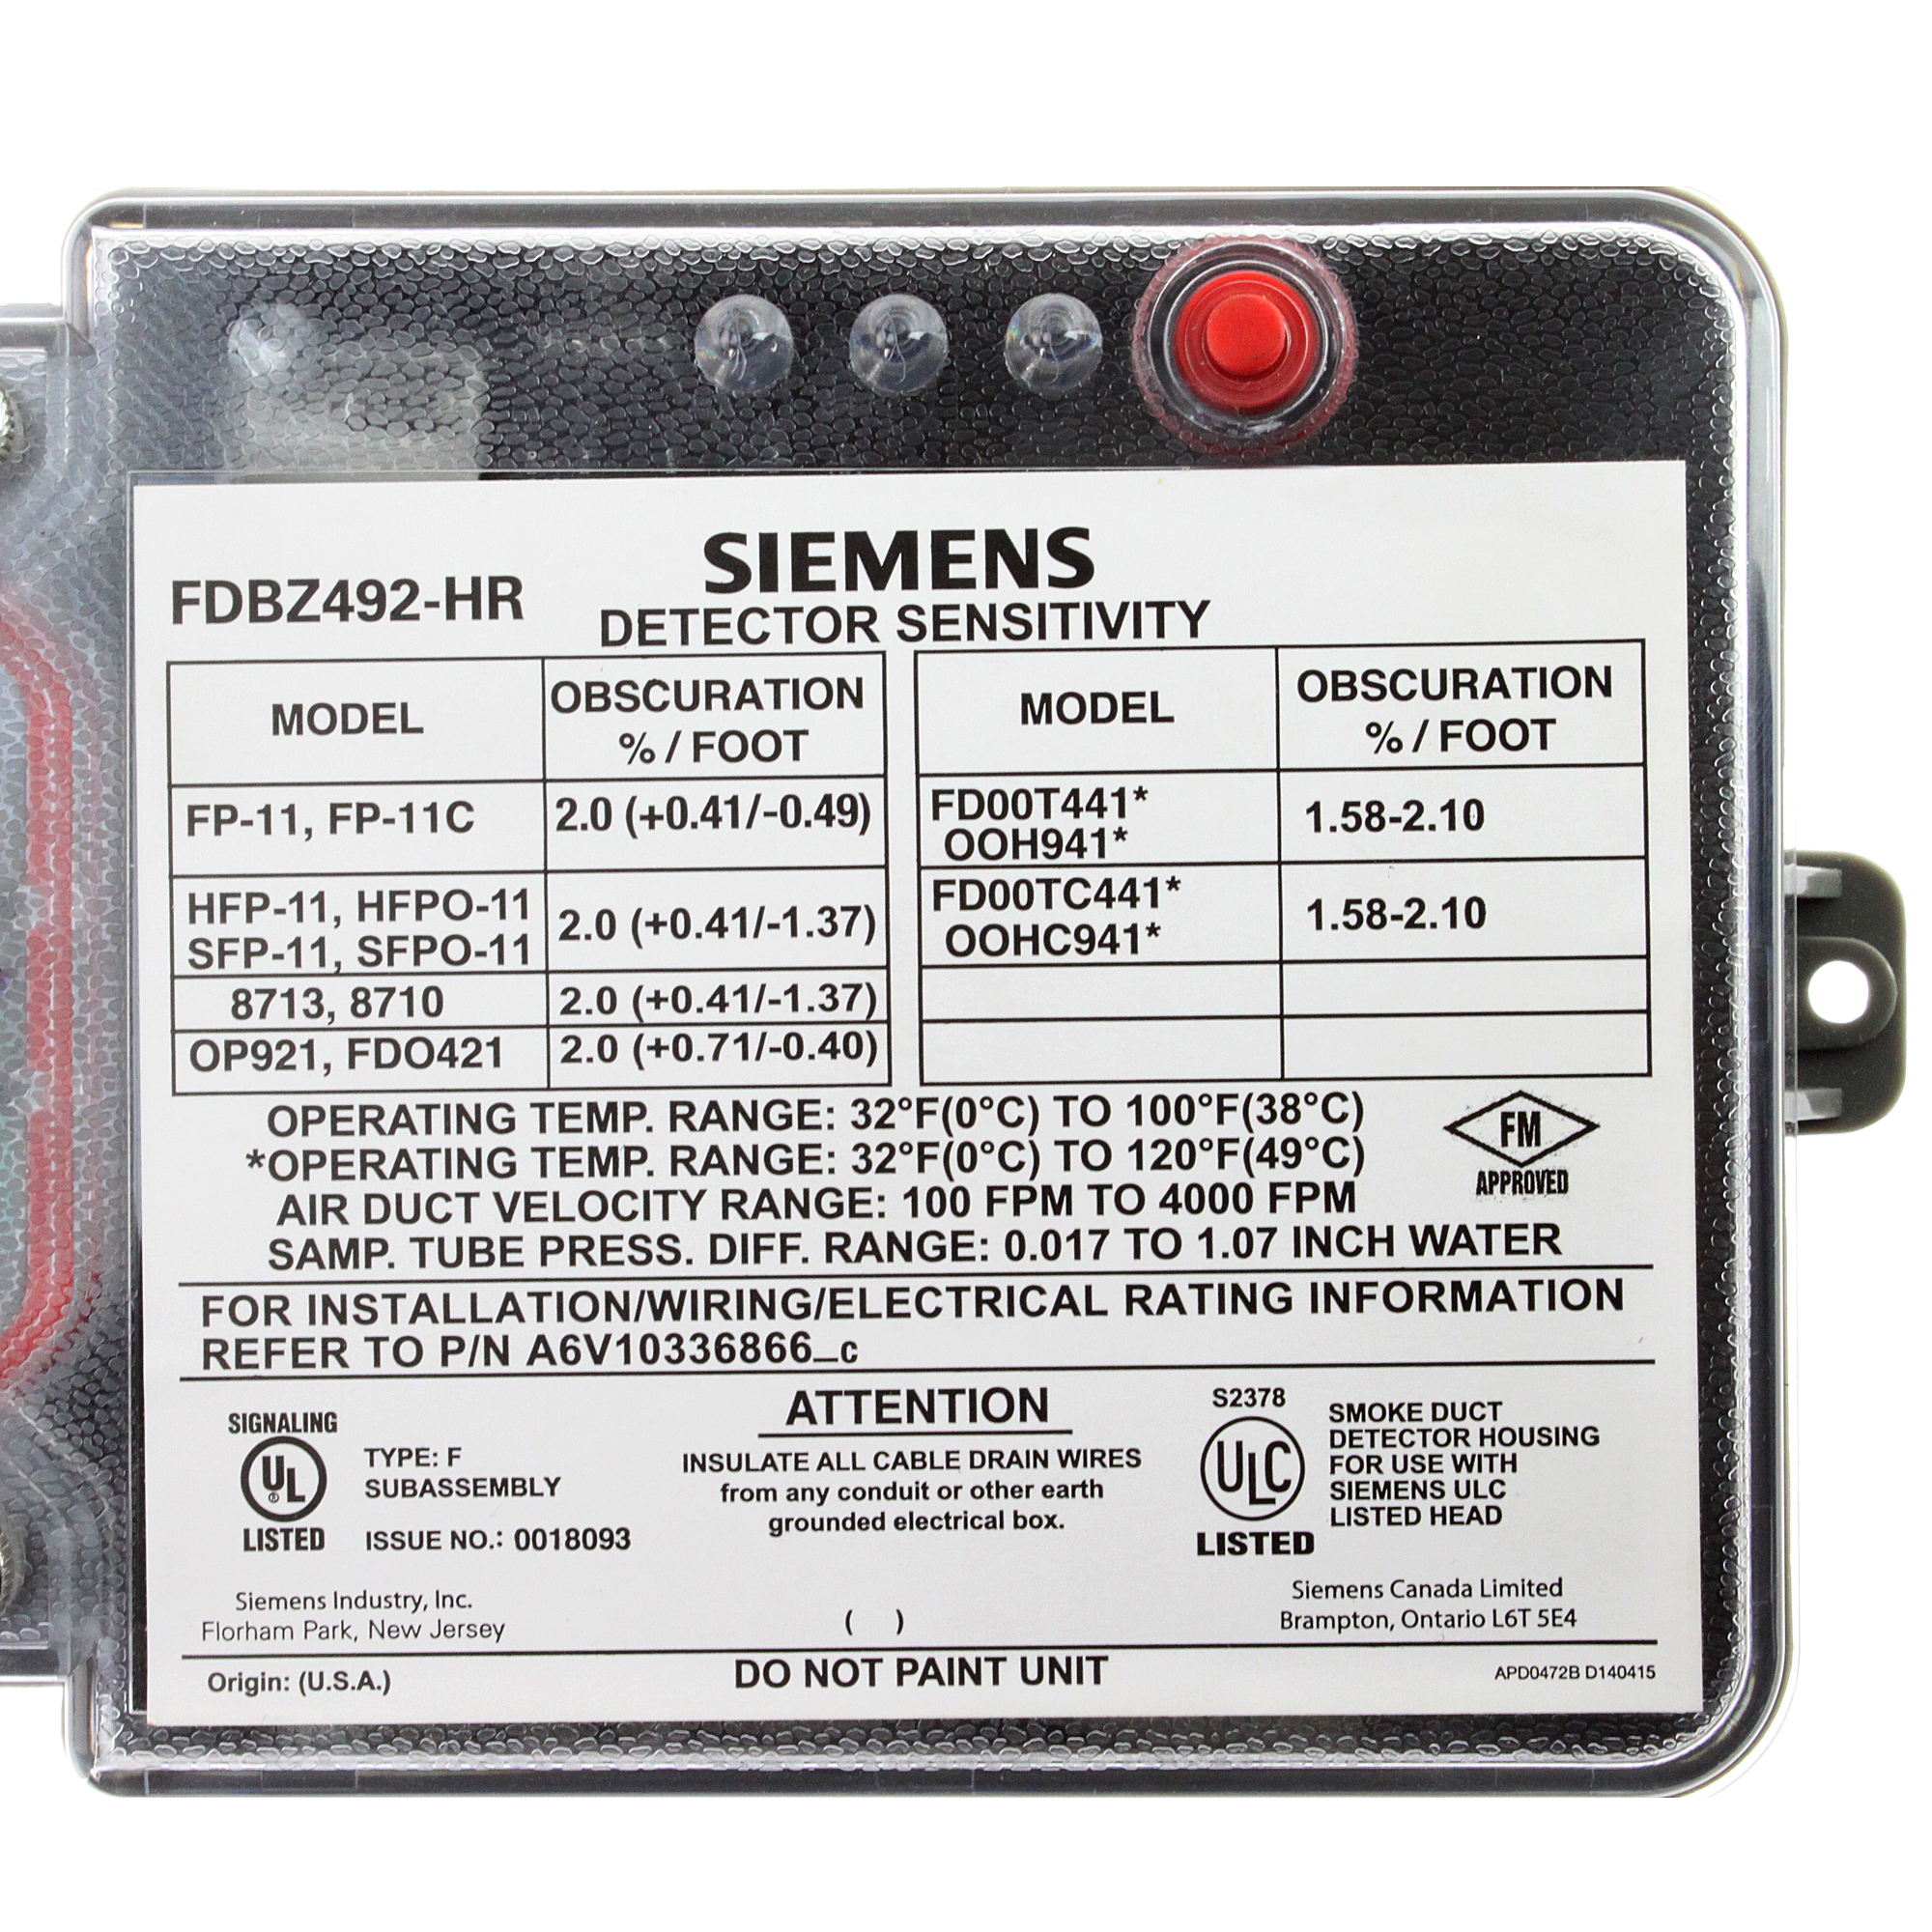 hr fdbz492 duct detector wiring diagram hr wiring diagrams cars sie ad hr duct detector wiring diagram sie home wiring diagrams